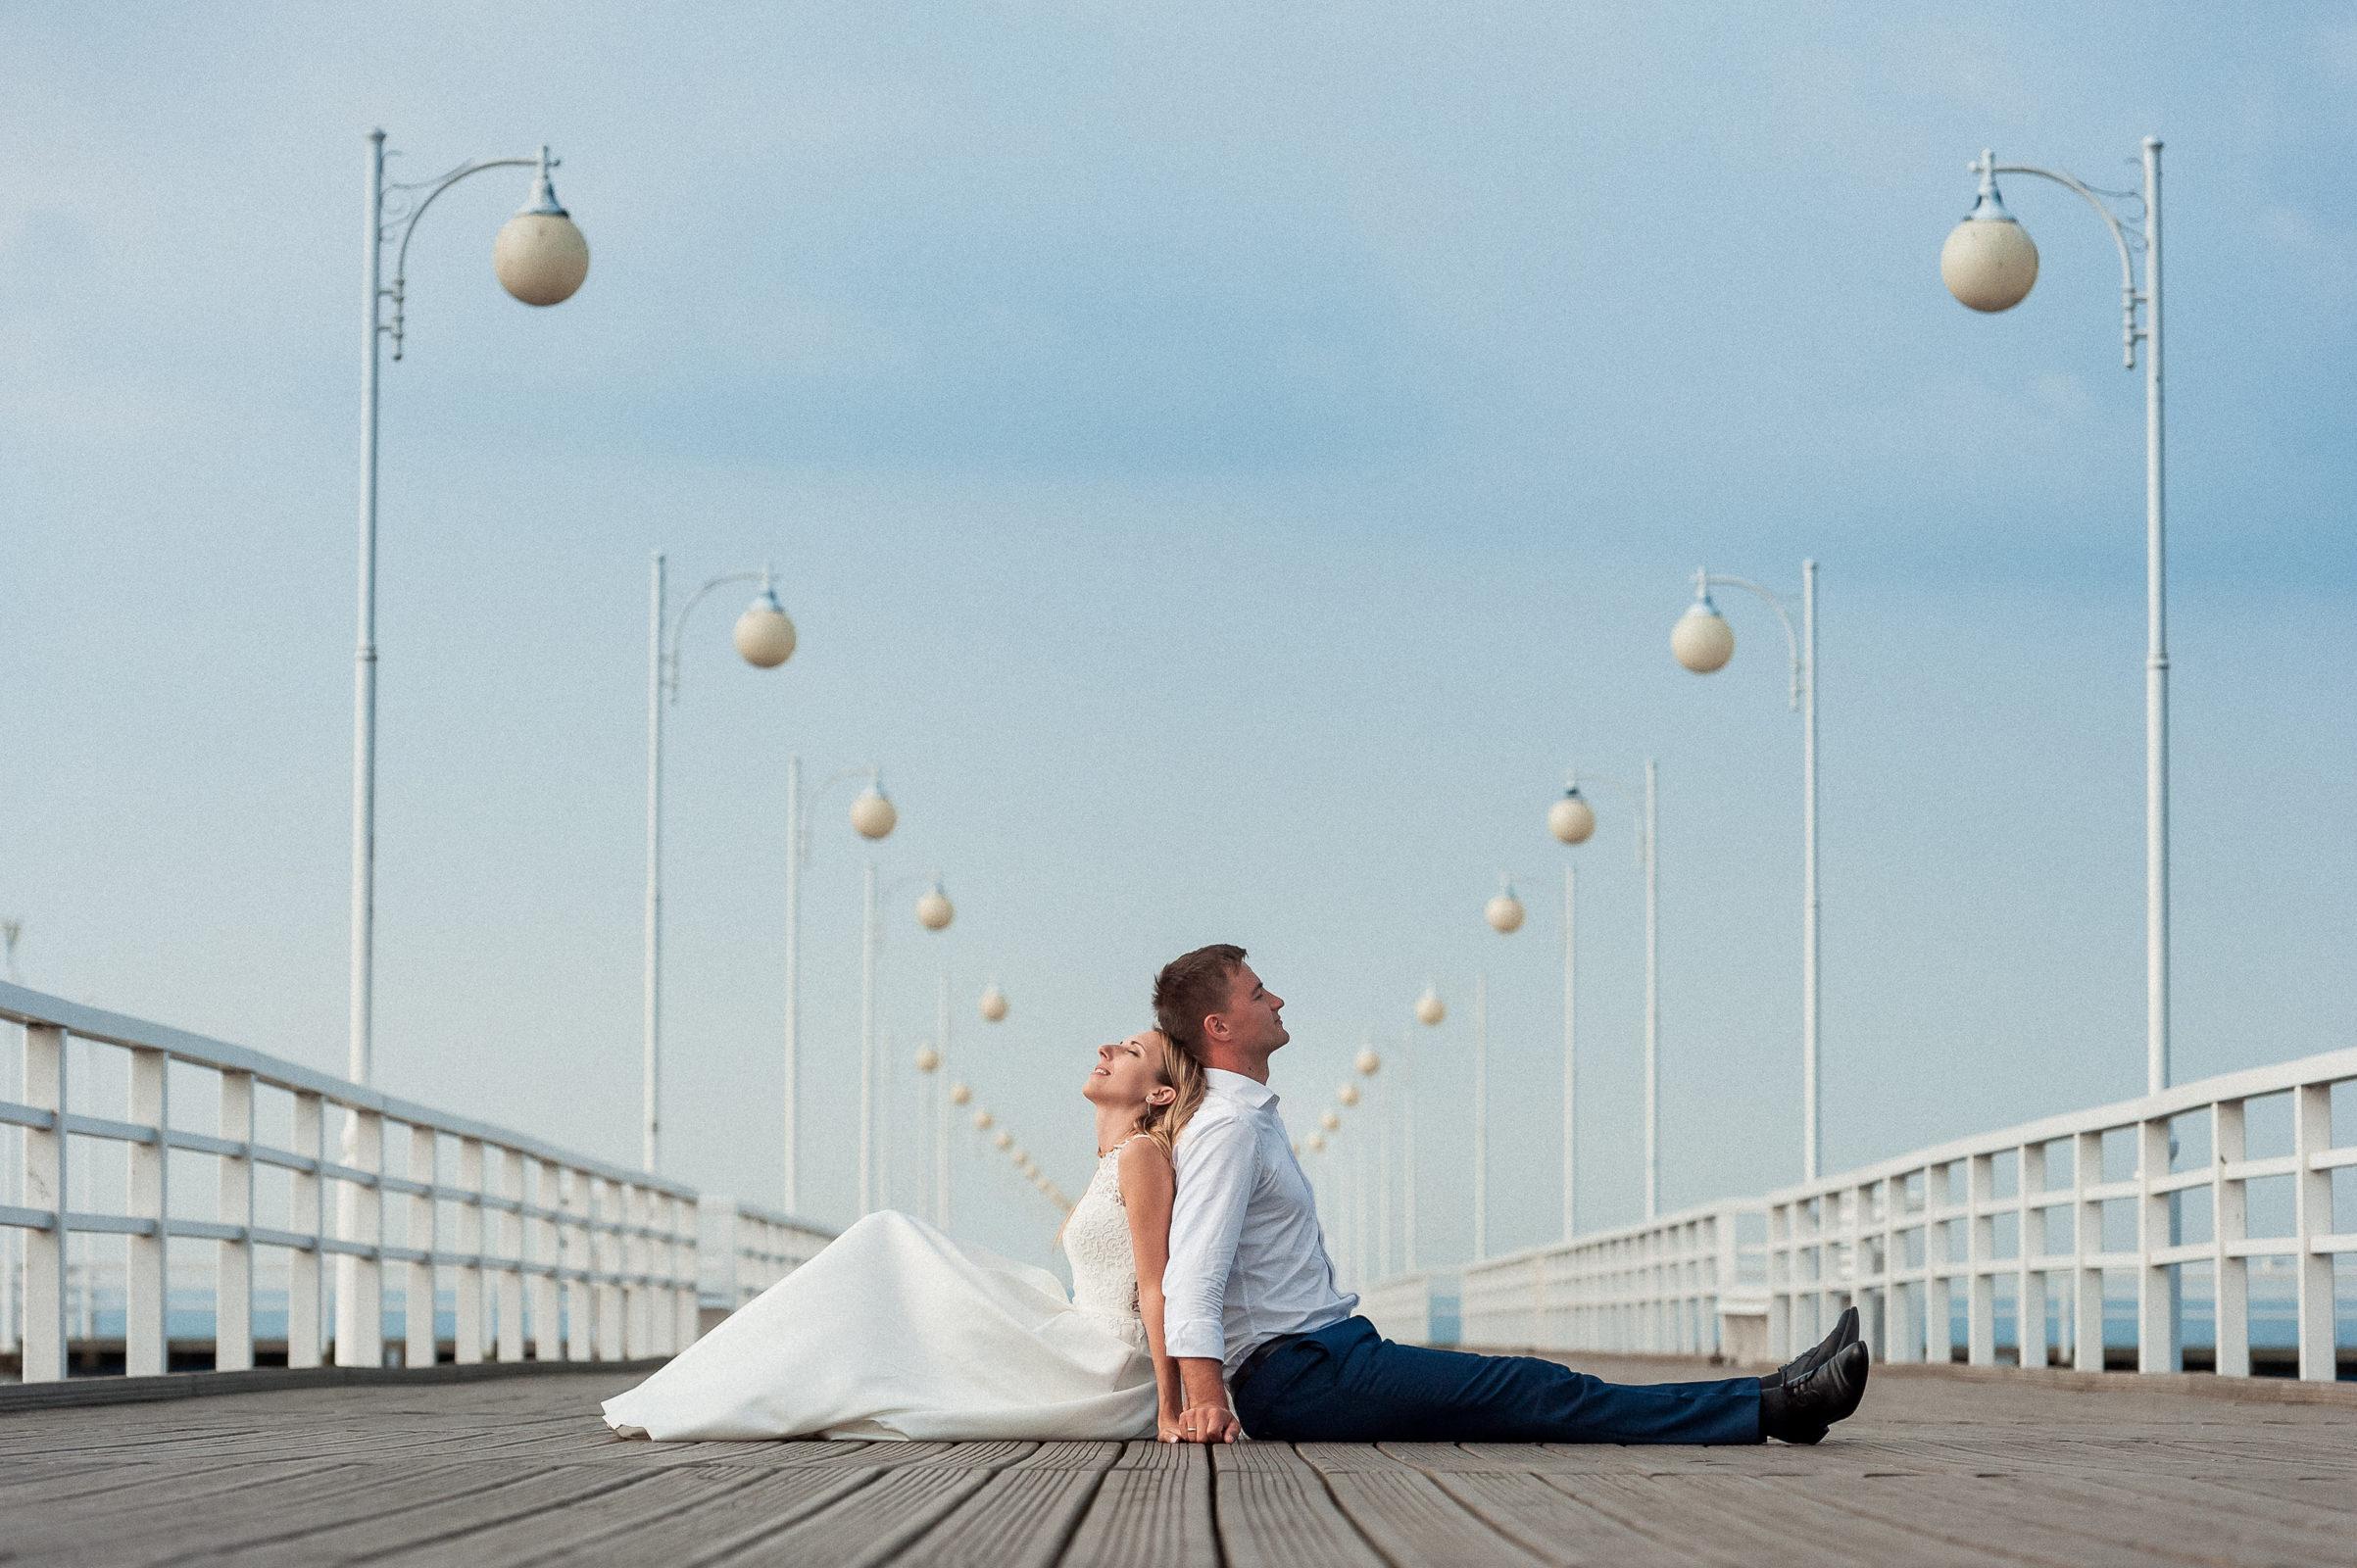 NIezwykła perspektywa molo w Juracie na sesji ślubnej pary młodej